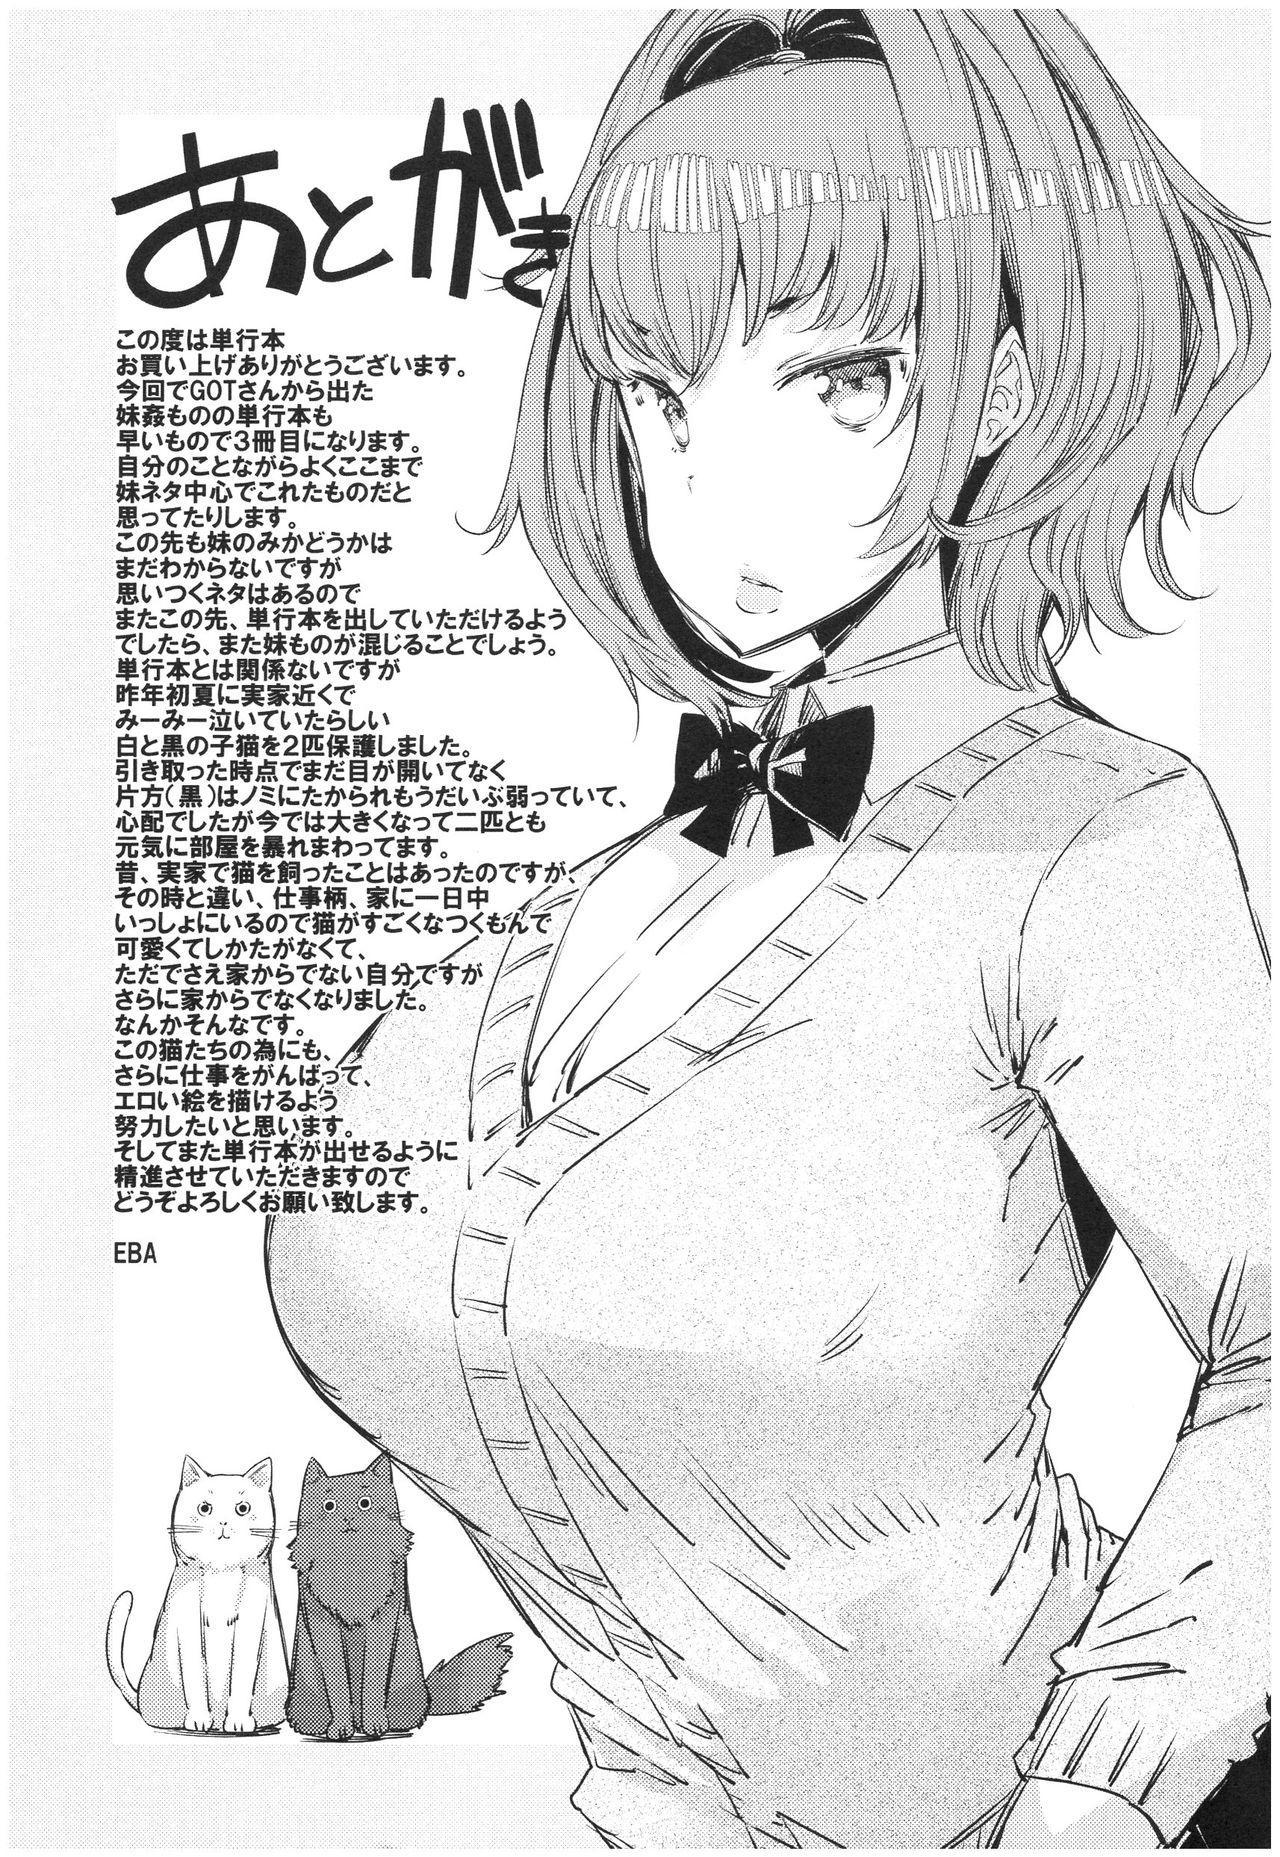 Ochita Kyoudai no 13-nichi Gougan Imouto no Otoshikata 195